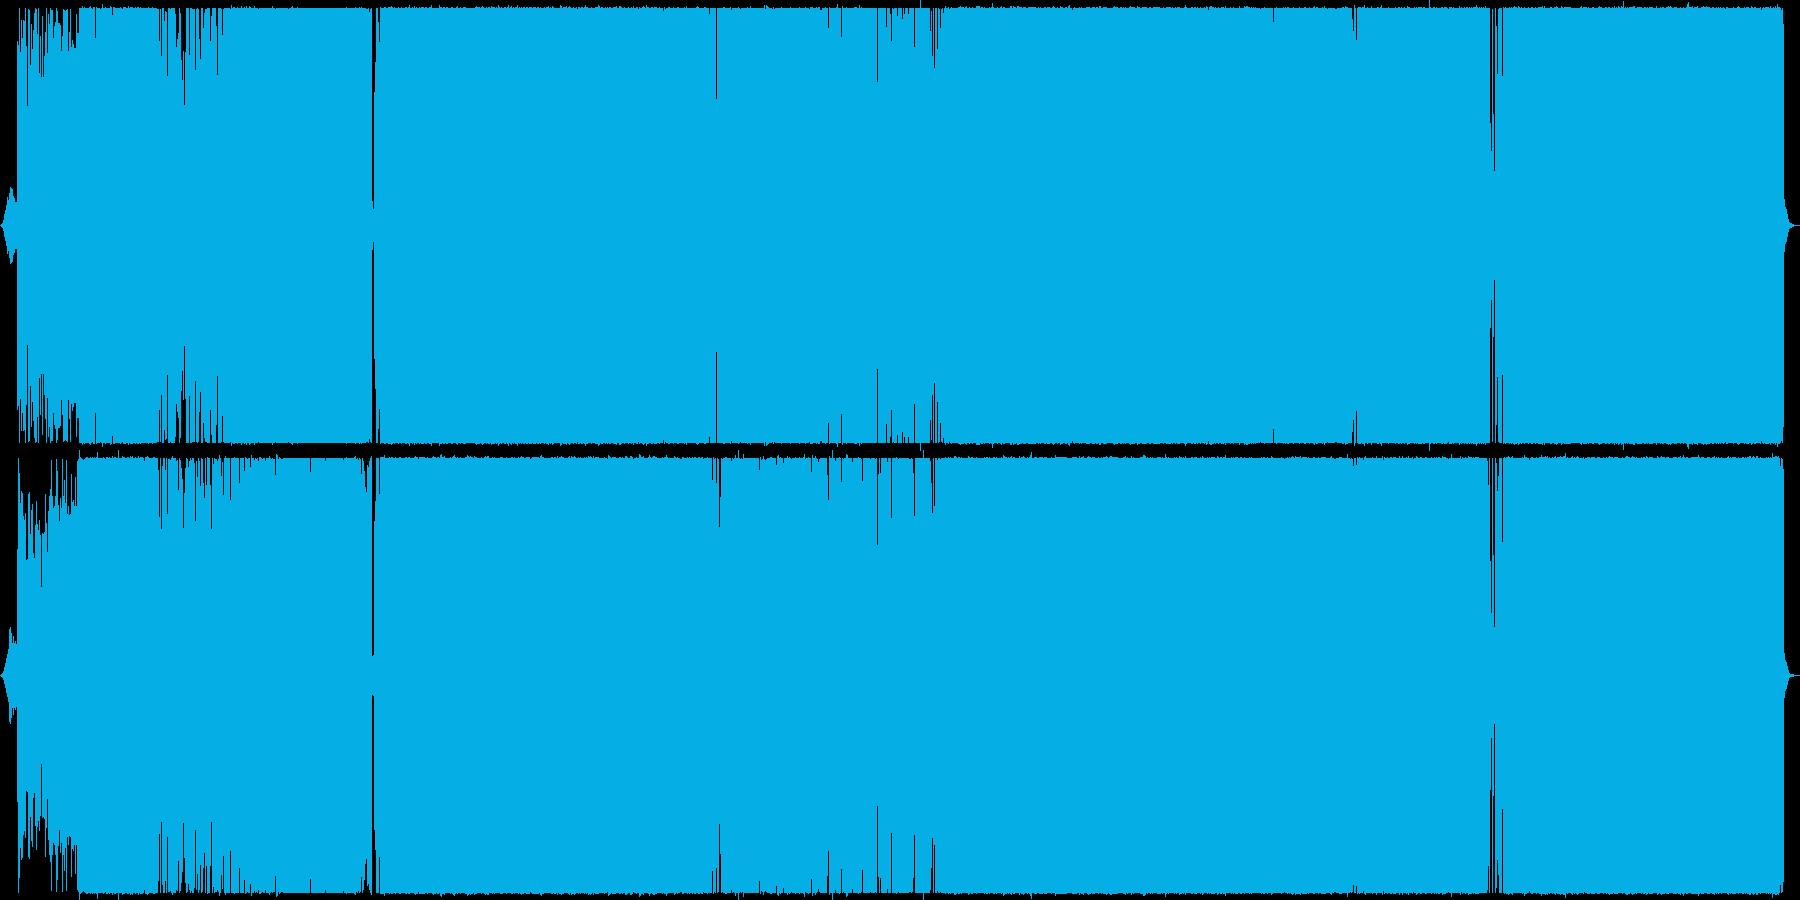 クールかつ叙情的なラウドロックの再生済みの波形